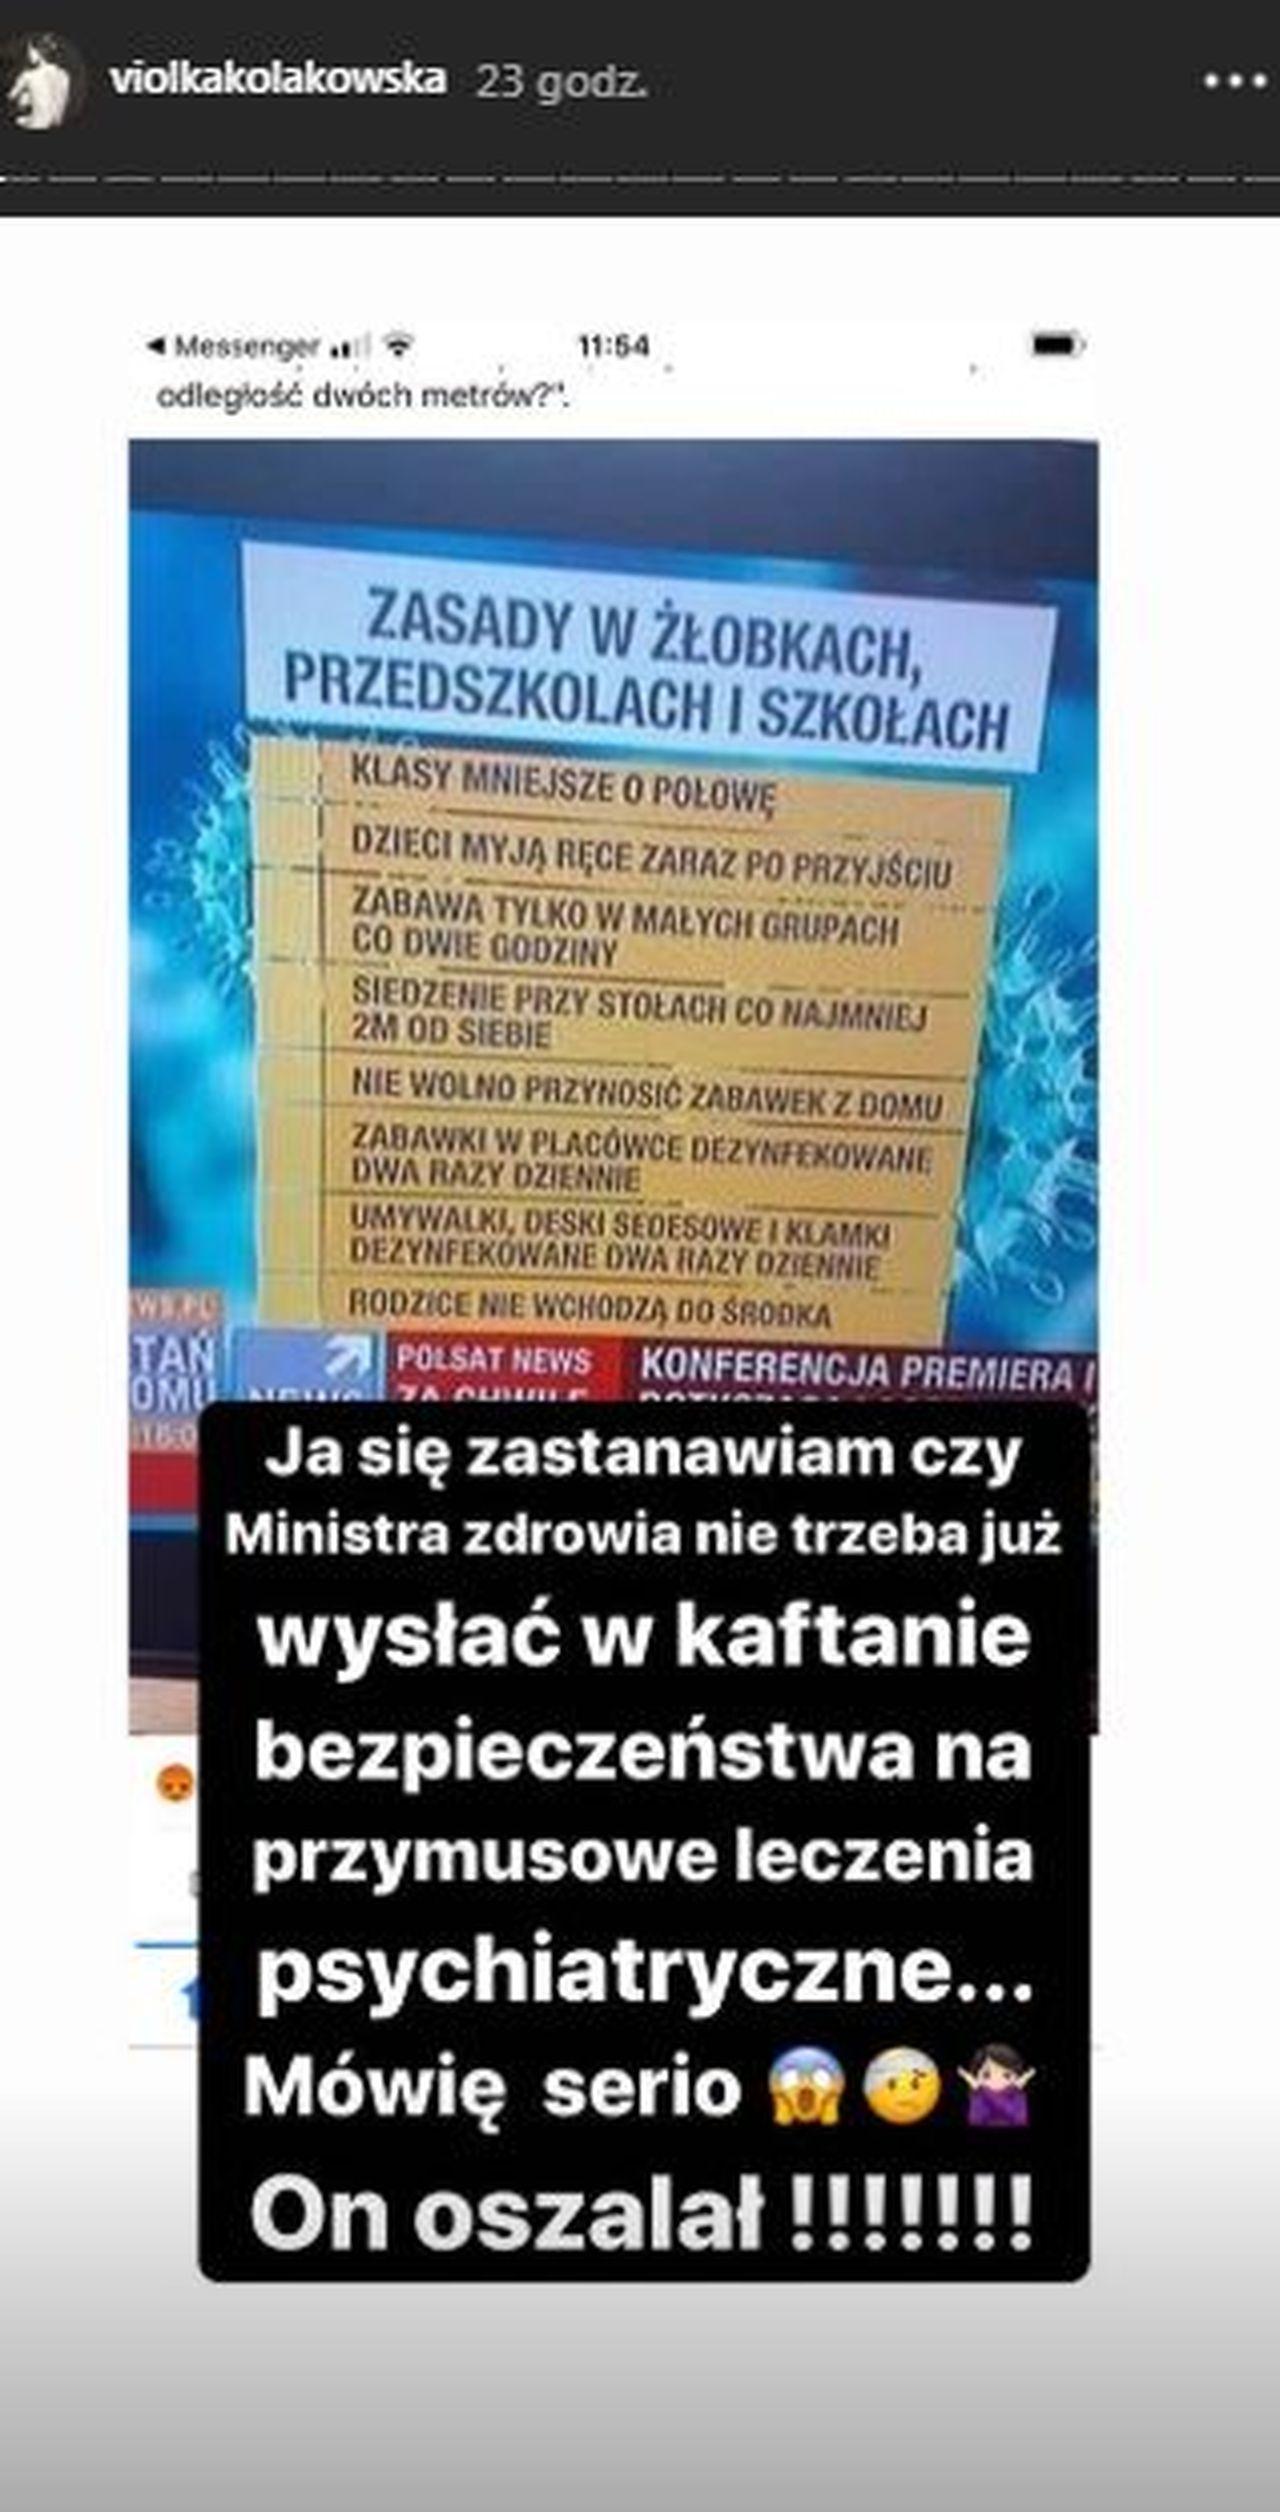 InstaStory Violi Kołakowskiej na temat ministra Szumowskiego